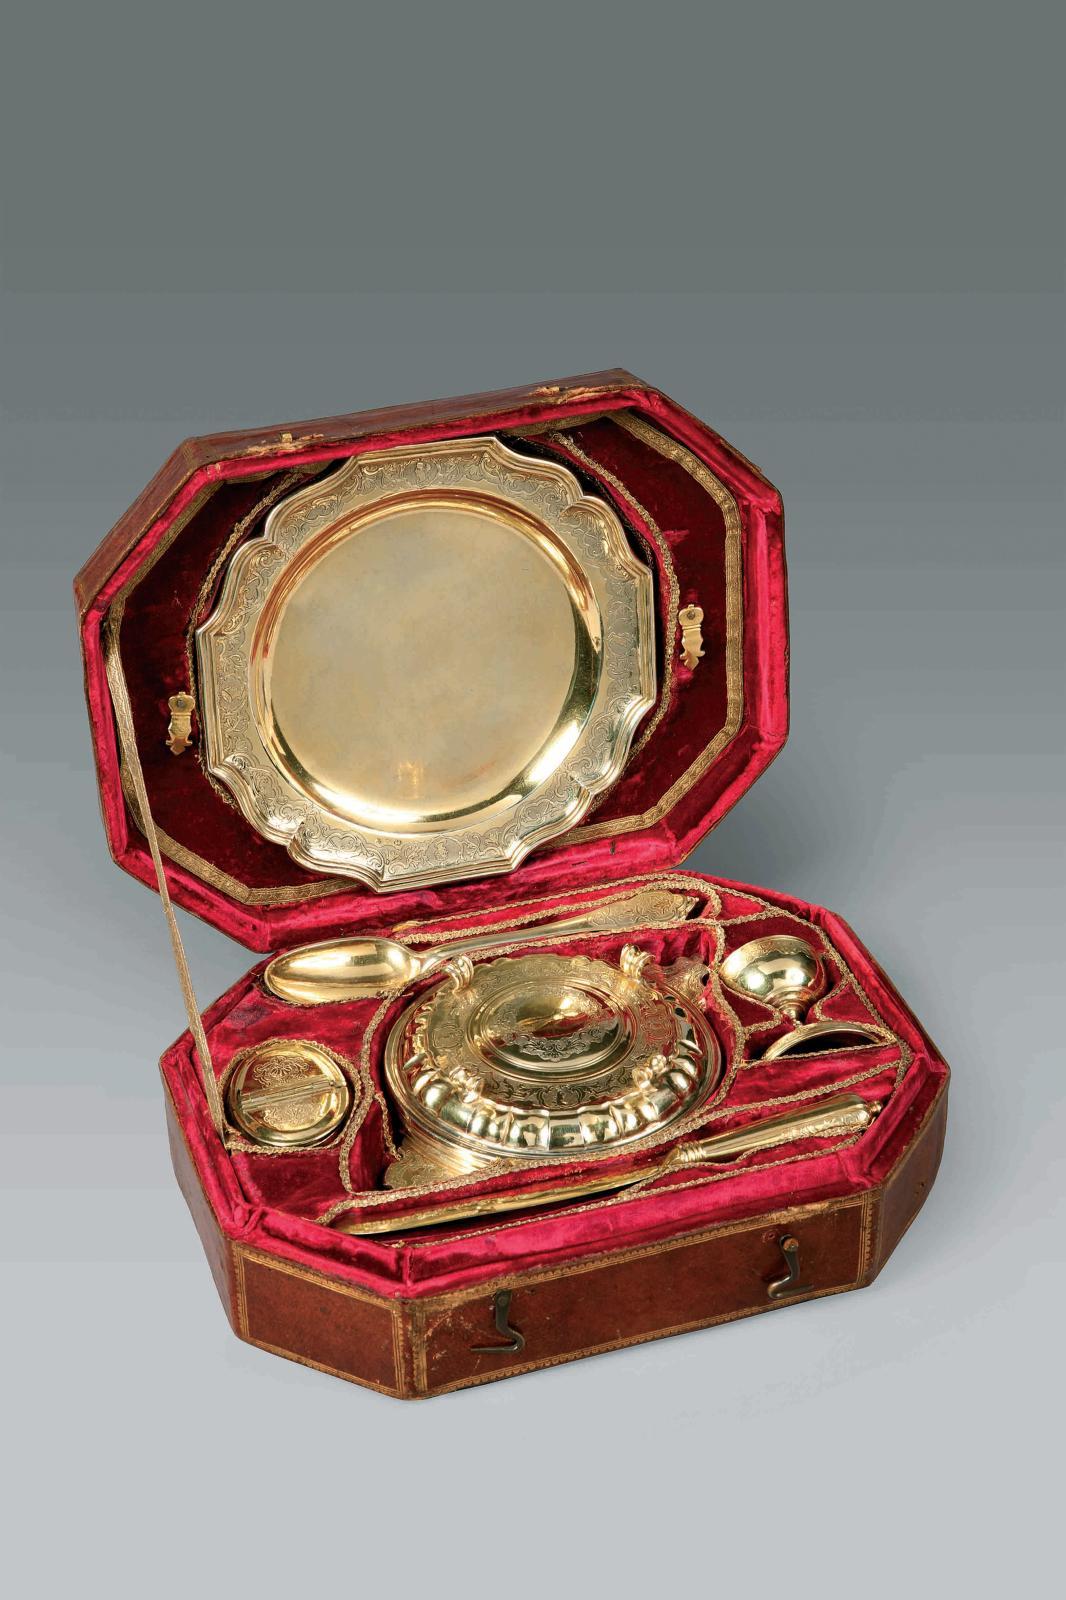 22500€Rome, 1734-1752, nécessaire de voyage, argent doré et ciselé, veau, diam.: 19,5cm. Drouot, 7 avril 2011.Gros & DelettrezOVV.